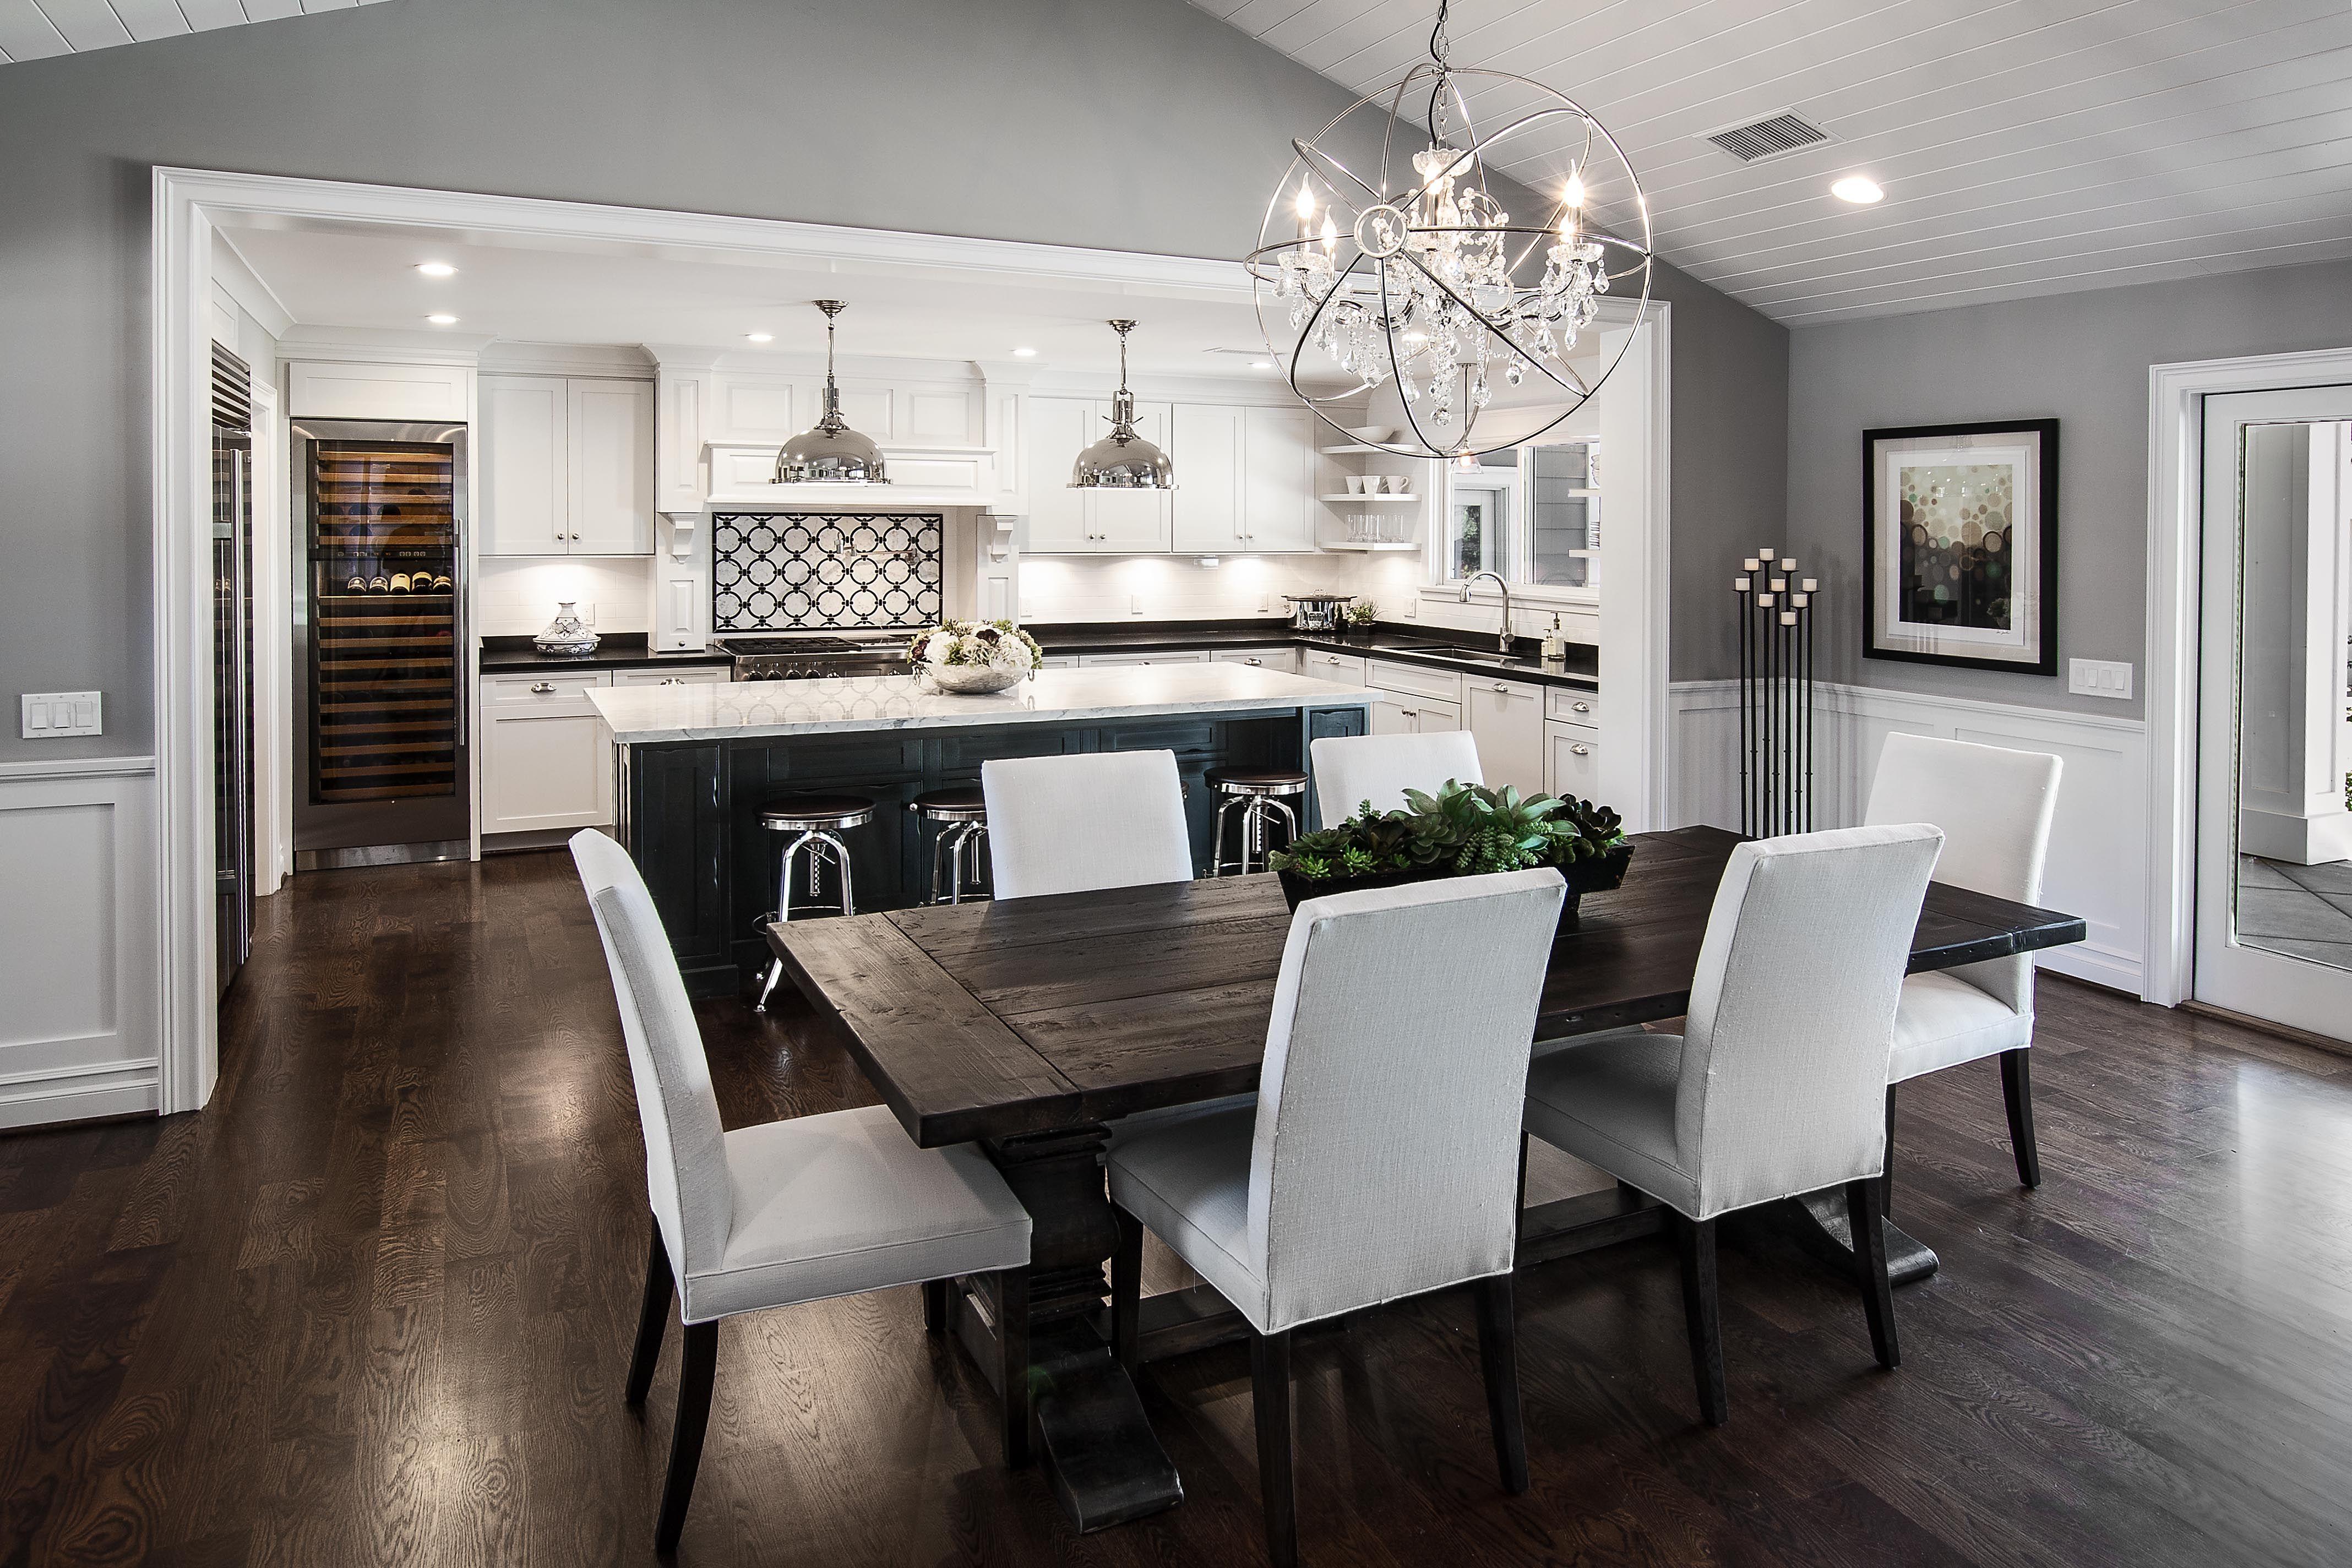 Open Concept Kitchen Living Room Floor Plans Google Search Living Room Floor Plans Open Concept Kitchen Living Room Living Room And Kitchen Design